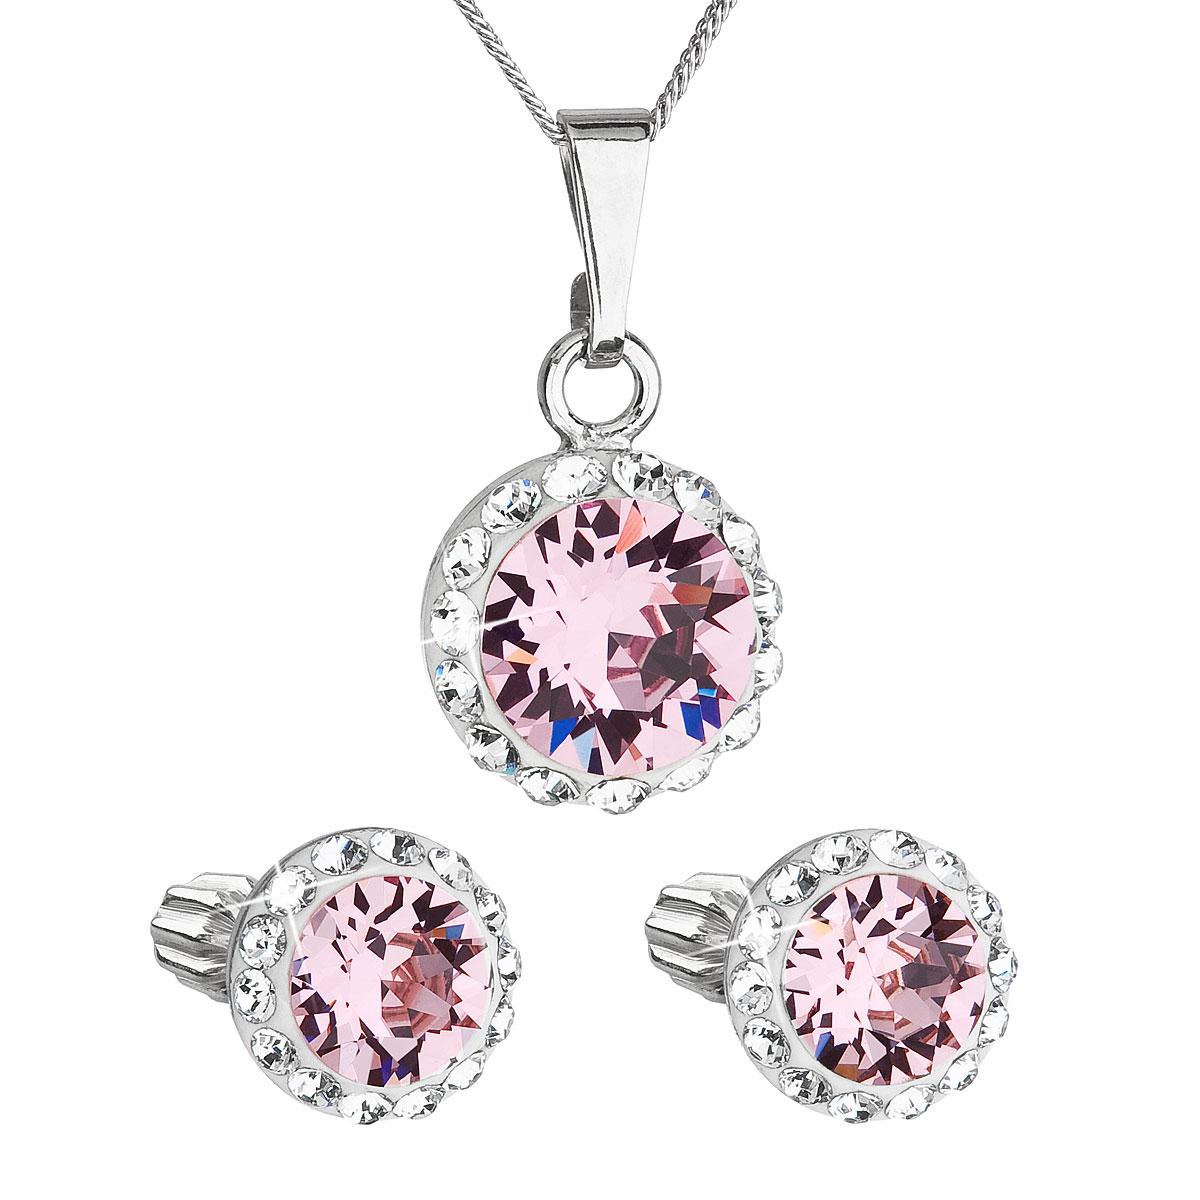 Sada šperkov s krištálmi Swarovski náušnice, retiazka a prívesok ružové okrúhle 39352.3 light rose